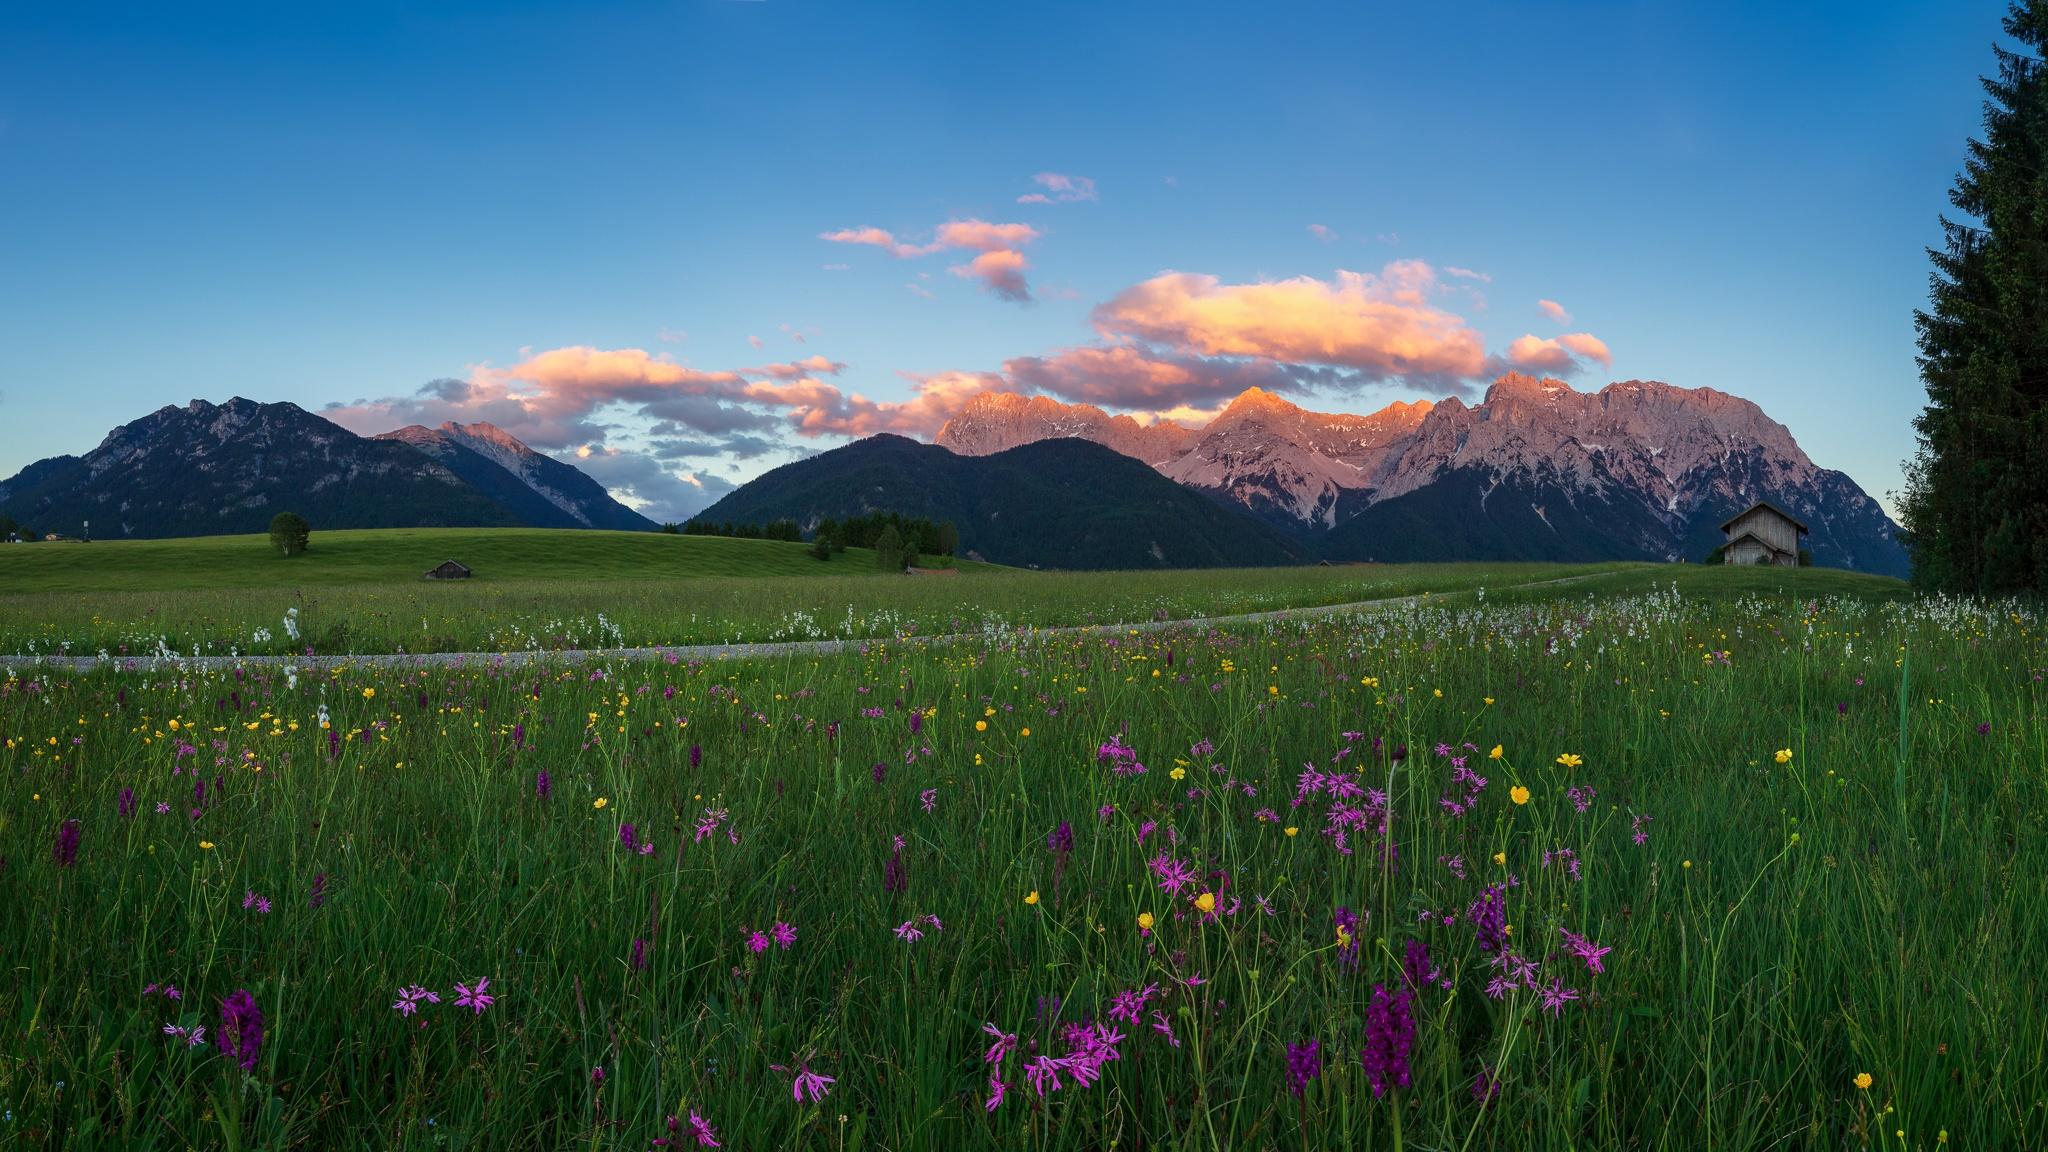 Einige Tage bevor die Wiesen gemäht wurden, konnte ich die Blumenwiesen auf den Buckelwiesen fotografieren. Blumen: Knabenkraut, Kuckucks-Lichtnelke, Hahnenfuß und Wollgras. Karwendel - Berglandschaft.